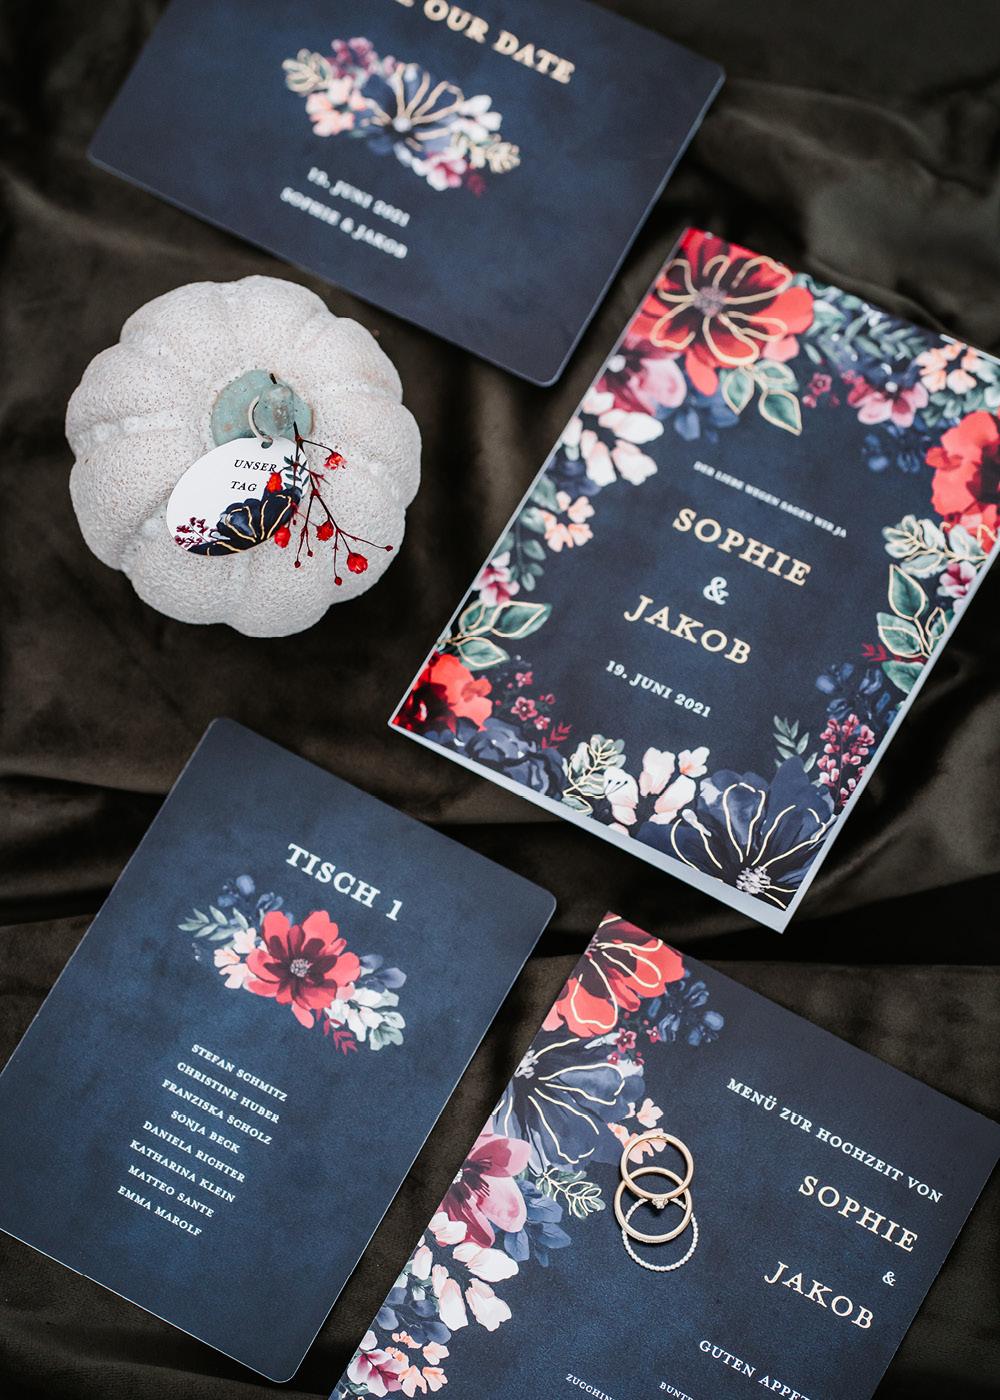 Papeterie, die durch ihre Farbe und Leuchtkraft hervorsticht: dunkelblaue Einladungskarte, Save the Date und Tischkarten mit bunten Blumen und goldener Veredelung.